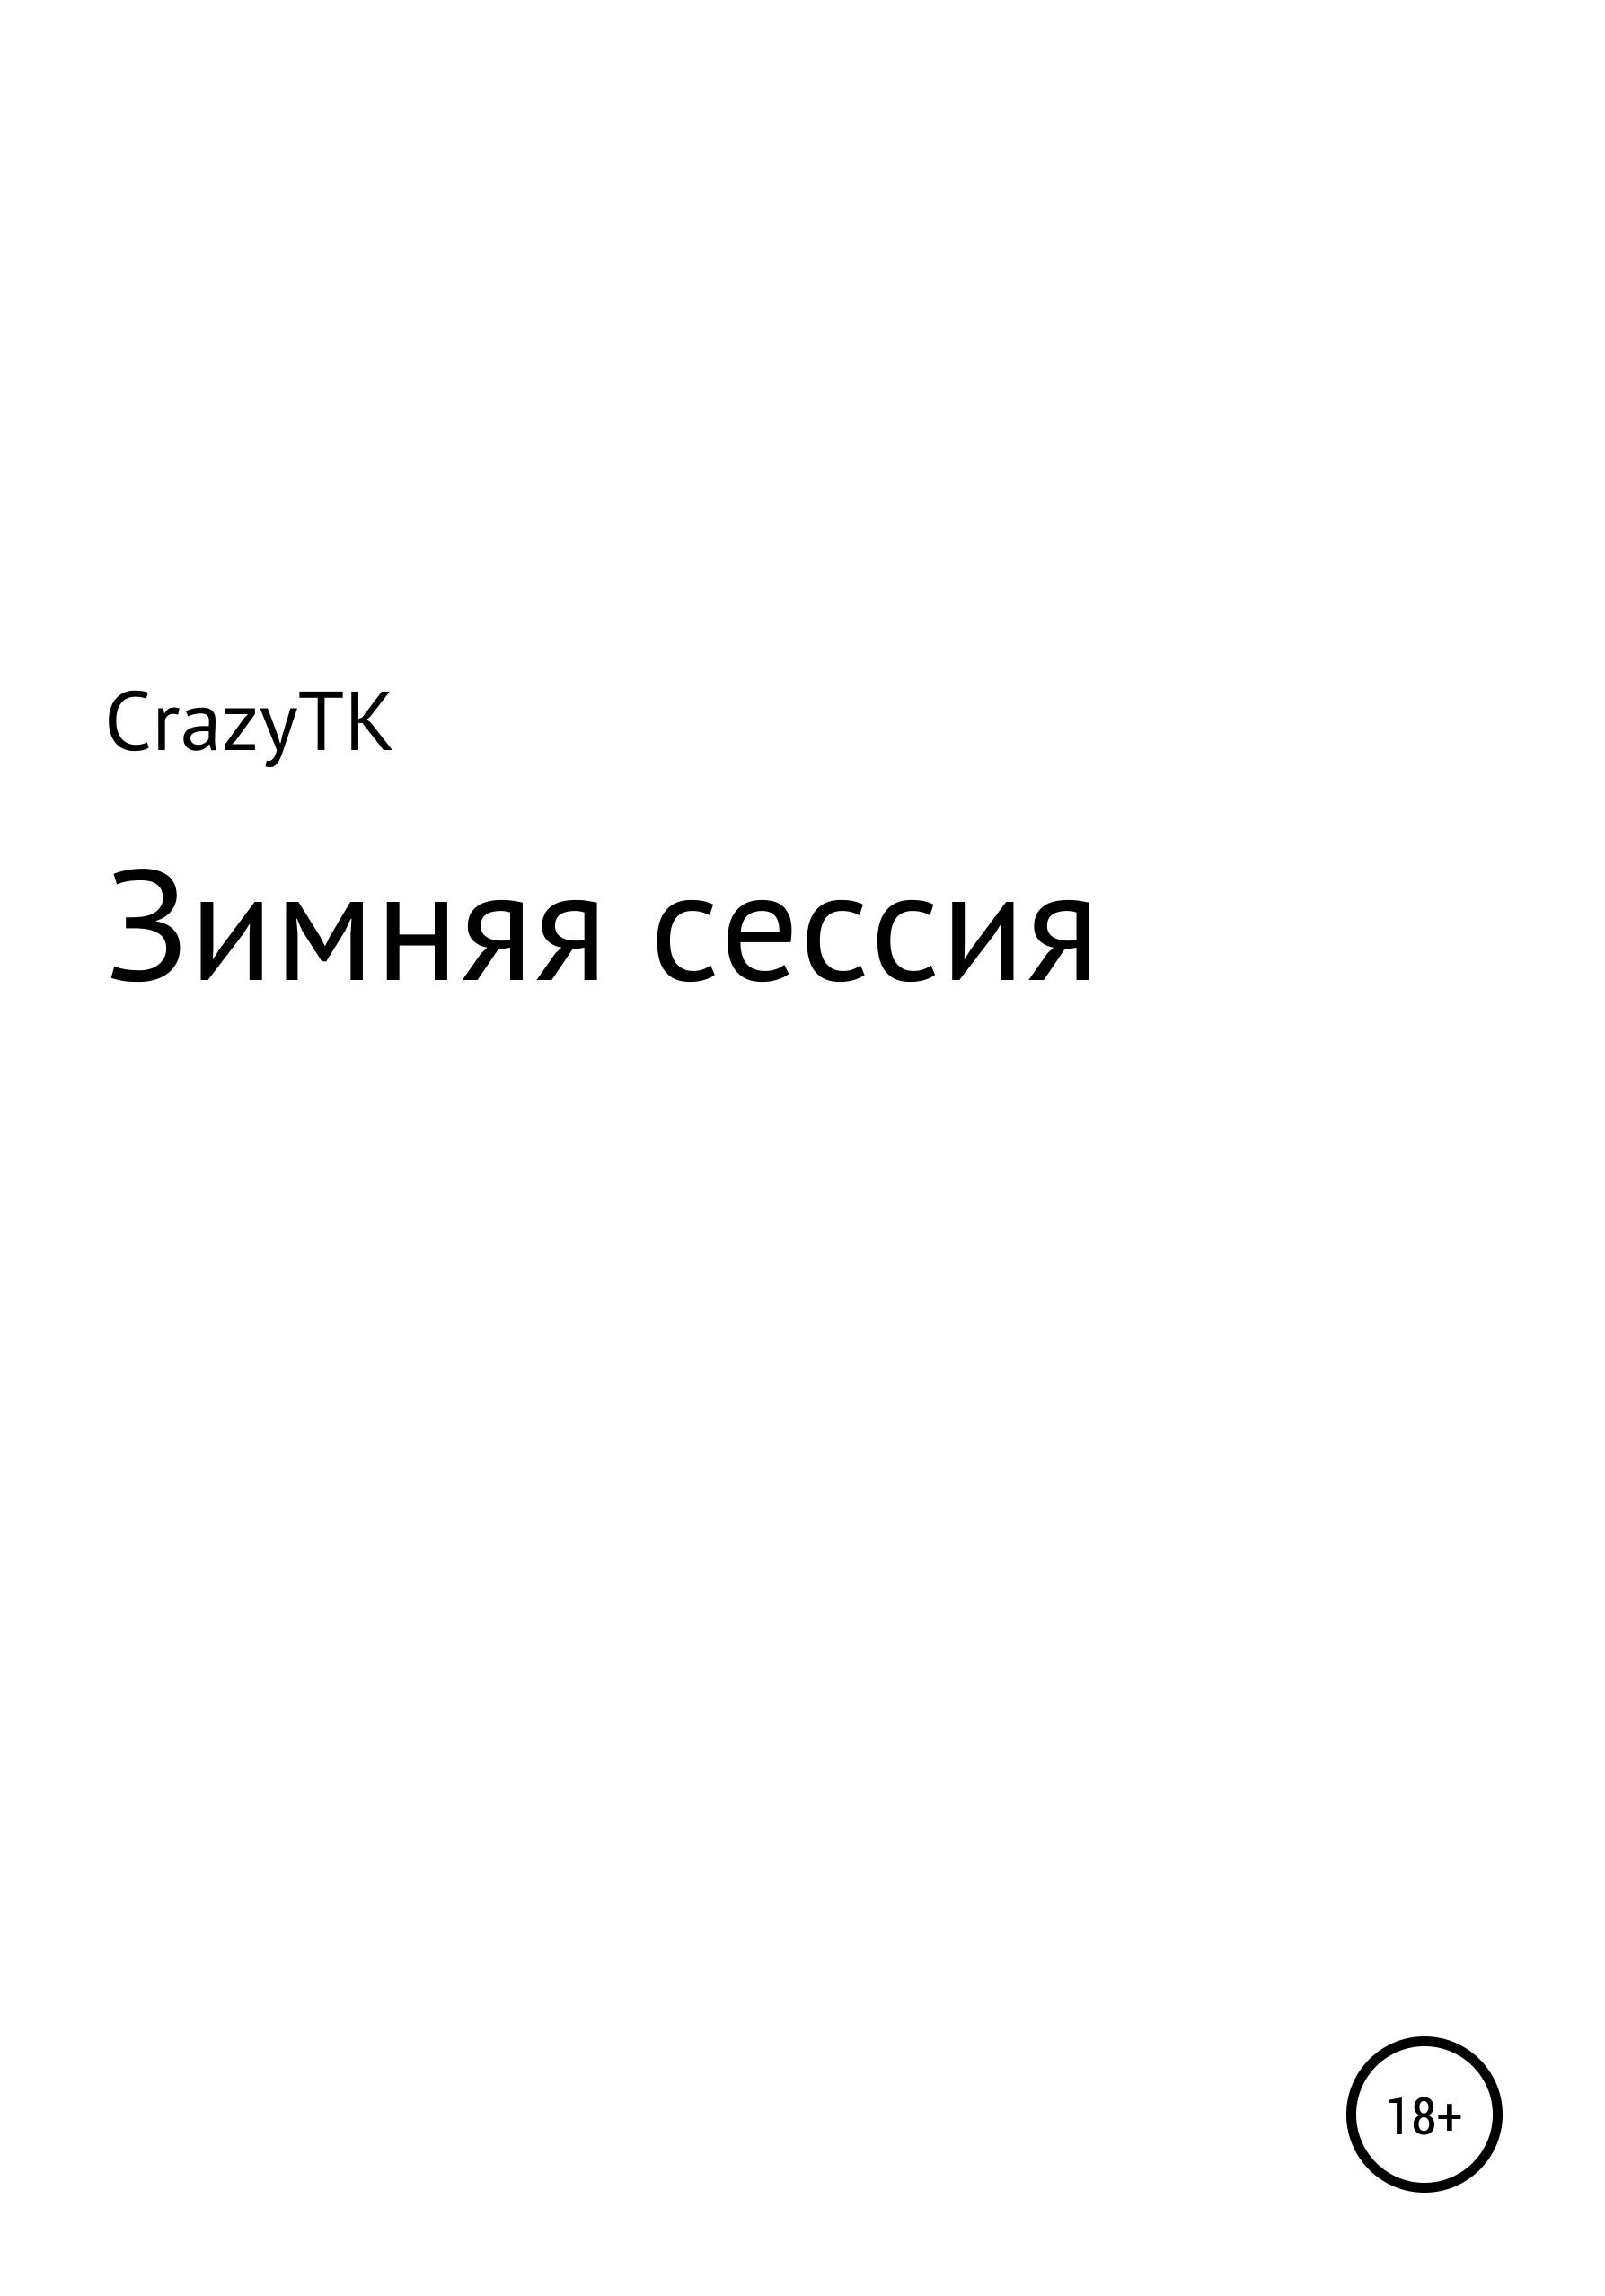 CrazyTK Зимняя сессия